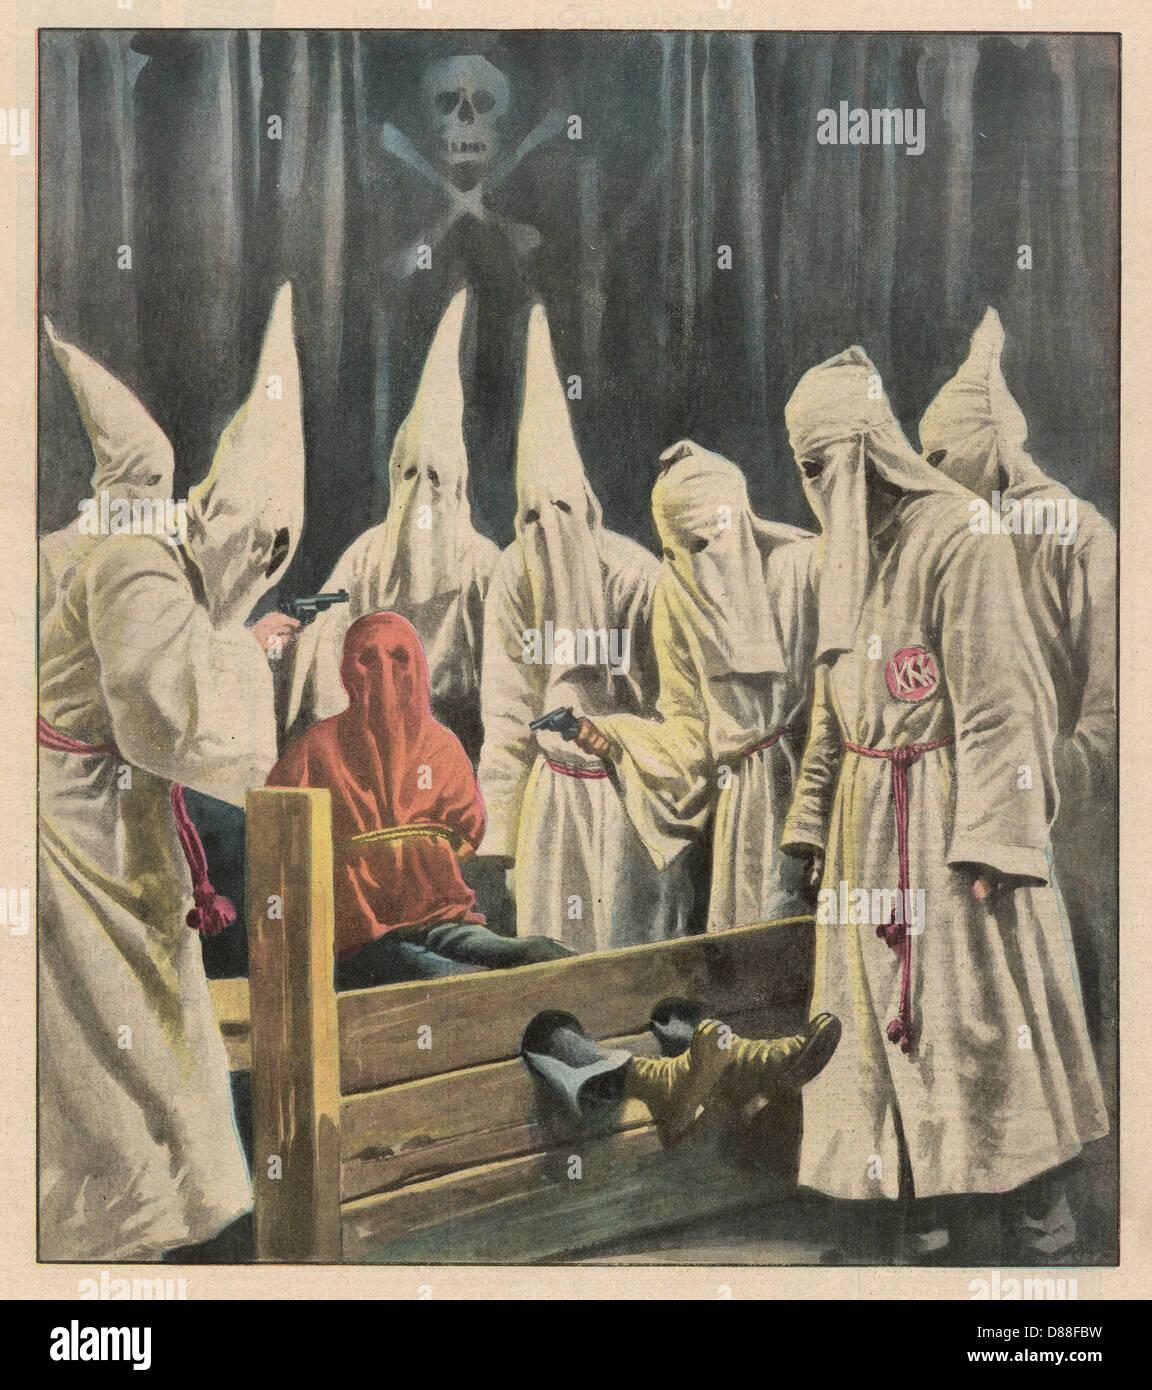 Ku Klux Klan Joke - Stock Image